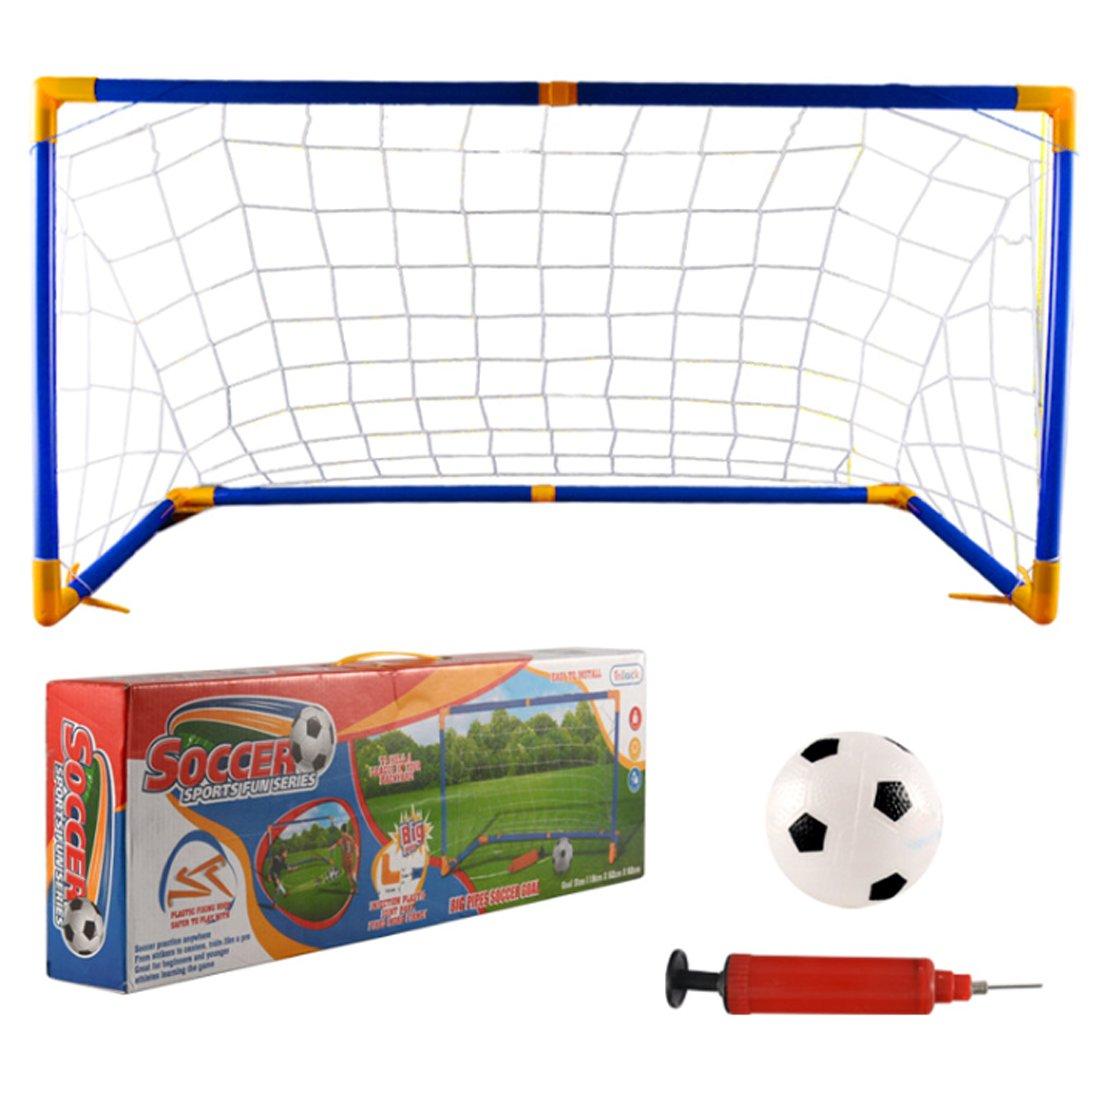 ボール目標、fenglintech 24.8インチ子Football Netドアスポーツおもちゃセットwith Soccer Inflator forアウトドア 118*62*62cm 443HQX015MHLTT7070U1246V9 B07C6DND67 118*62*62cm|画像参照 画像参照 118*62*62cm